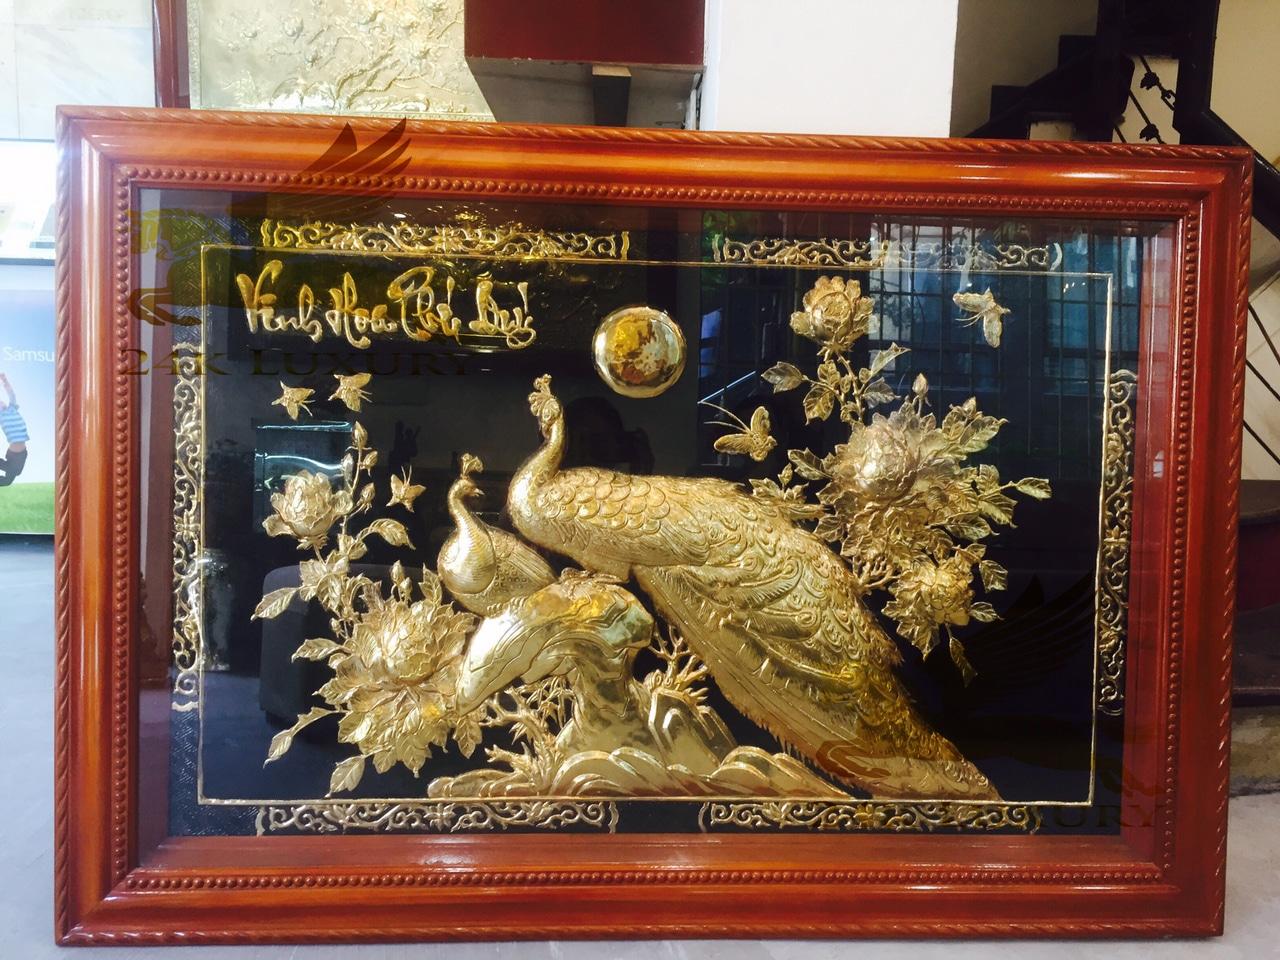 Quà tặng sếp nam - tranh chim công dát vàng 24k